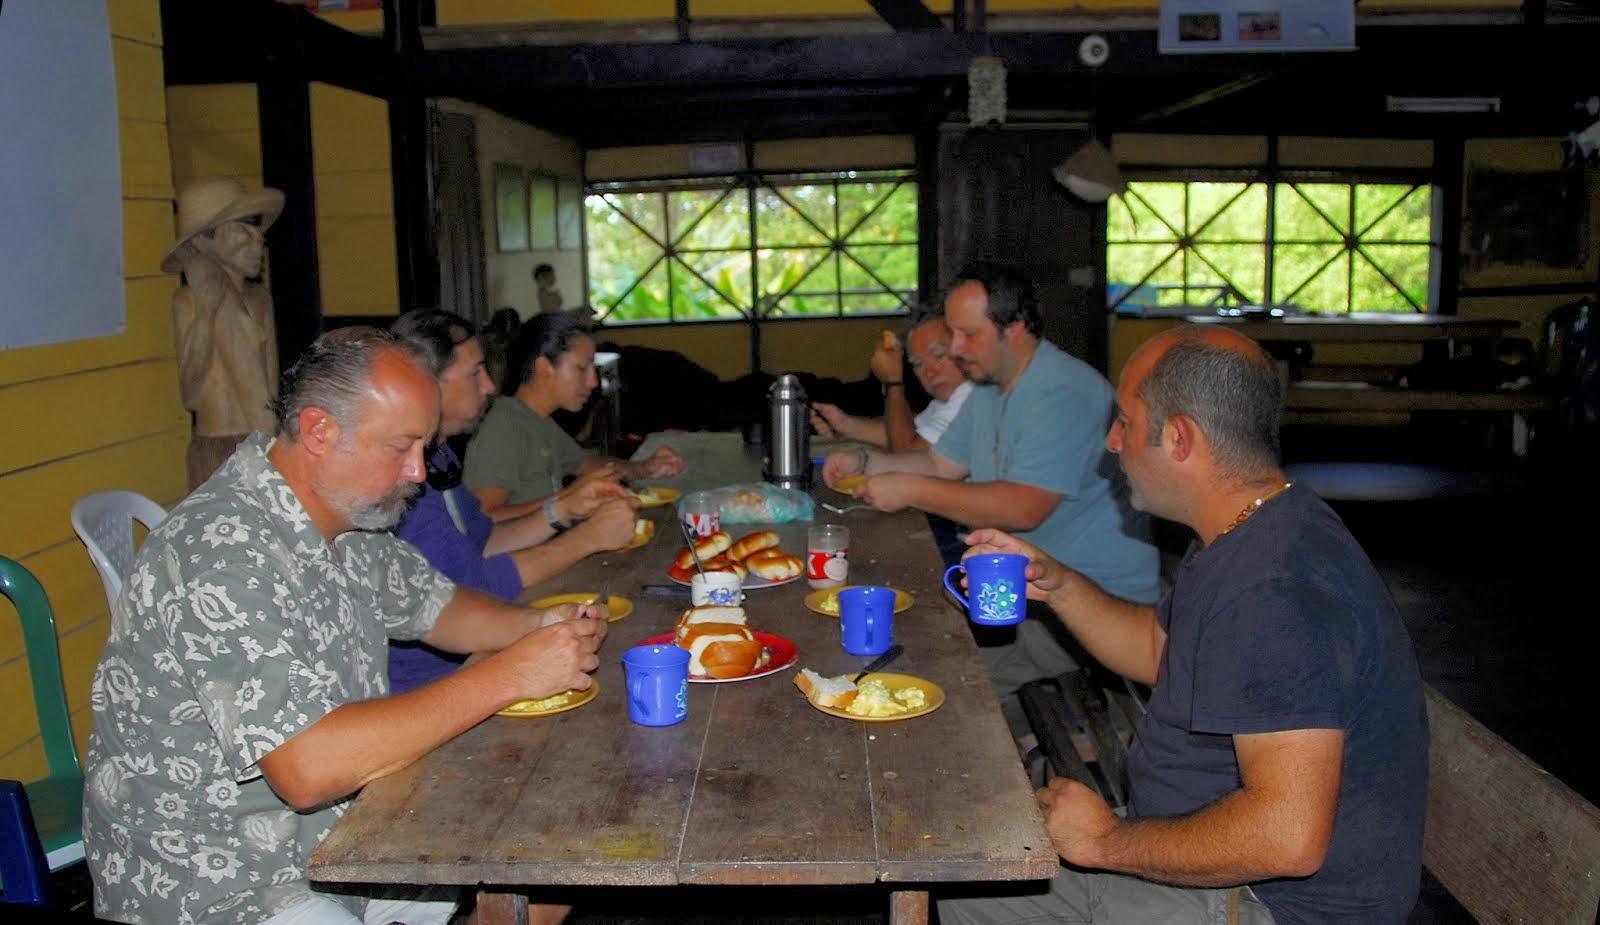 Estación Biológica de Omacha (Amazonas de Colombia)